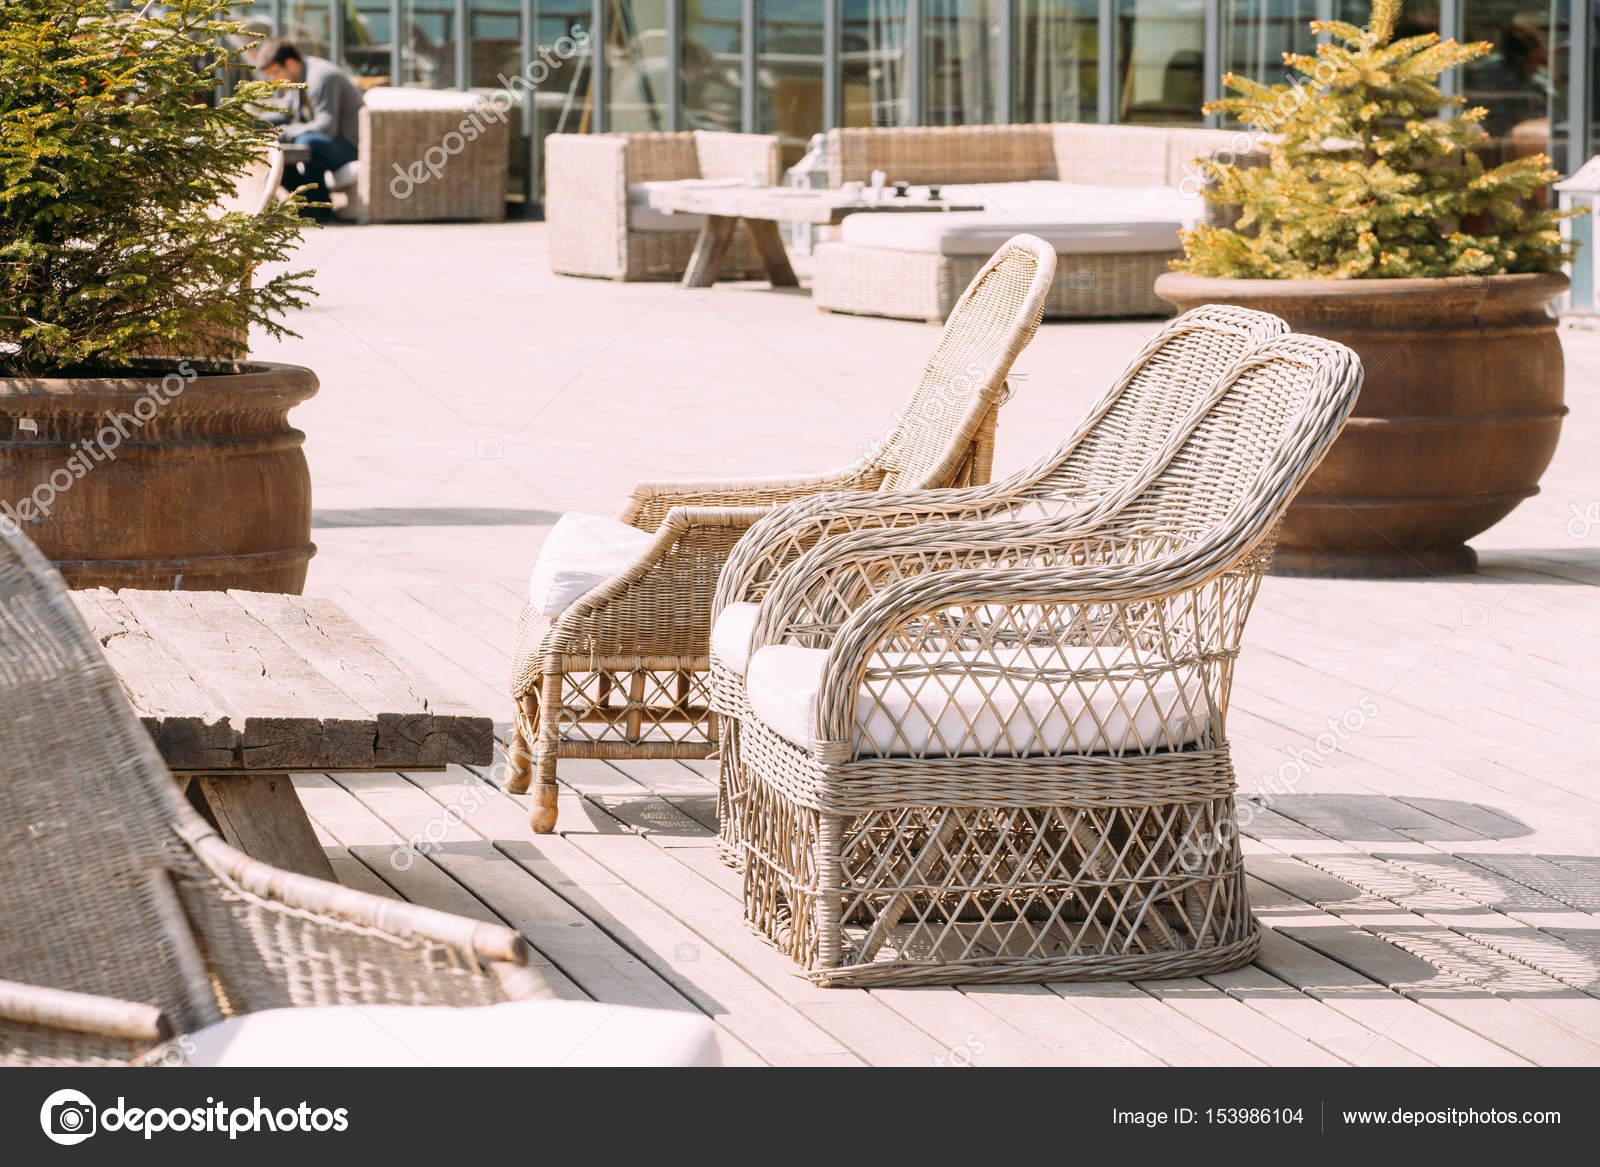 Rieten Balkon Meubels : Rieten meubels op balkon op zonnige dag. home exterieur met stoelen